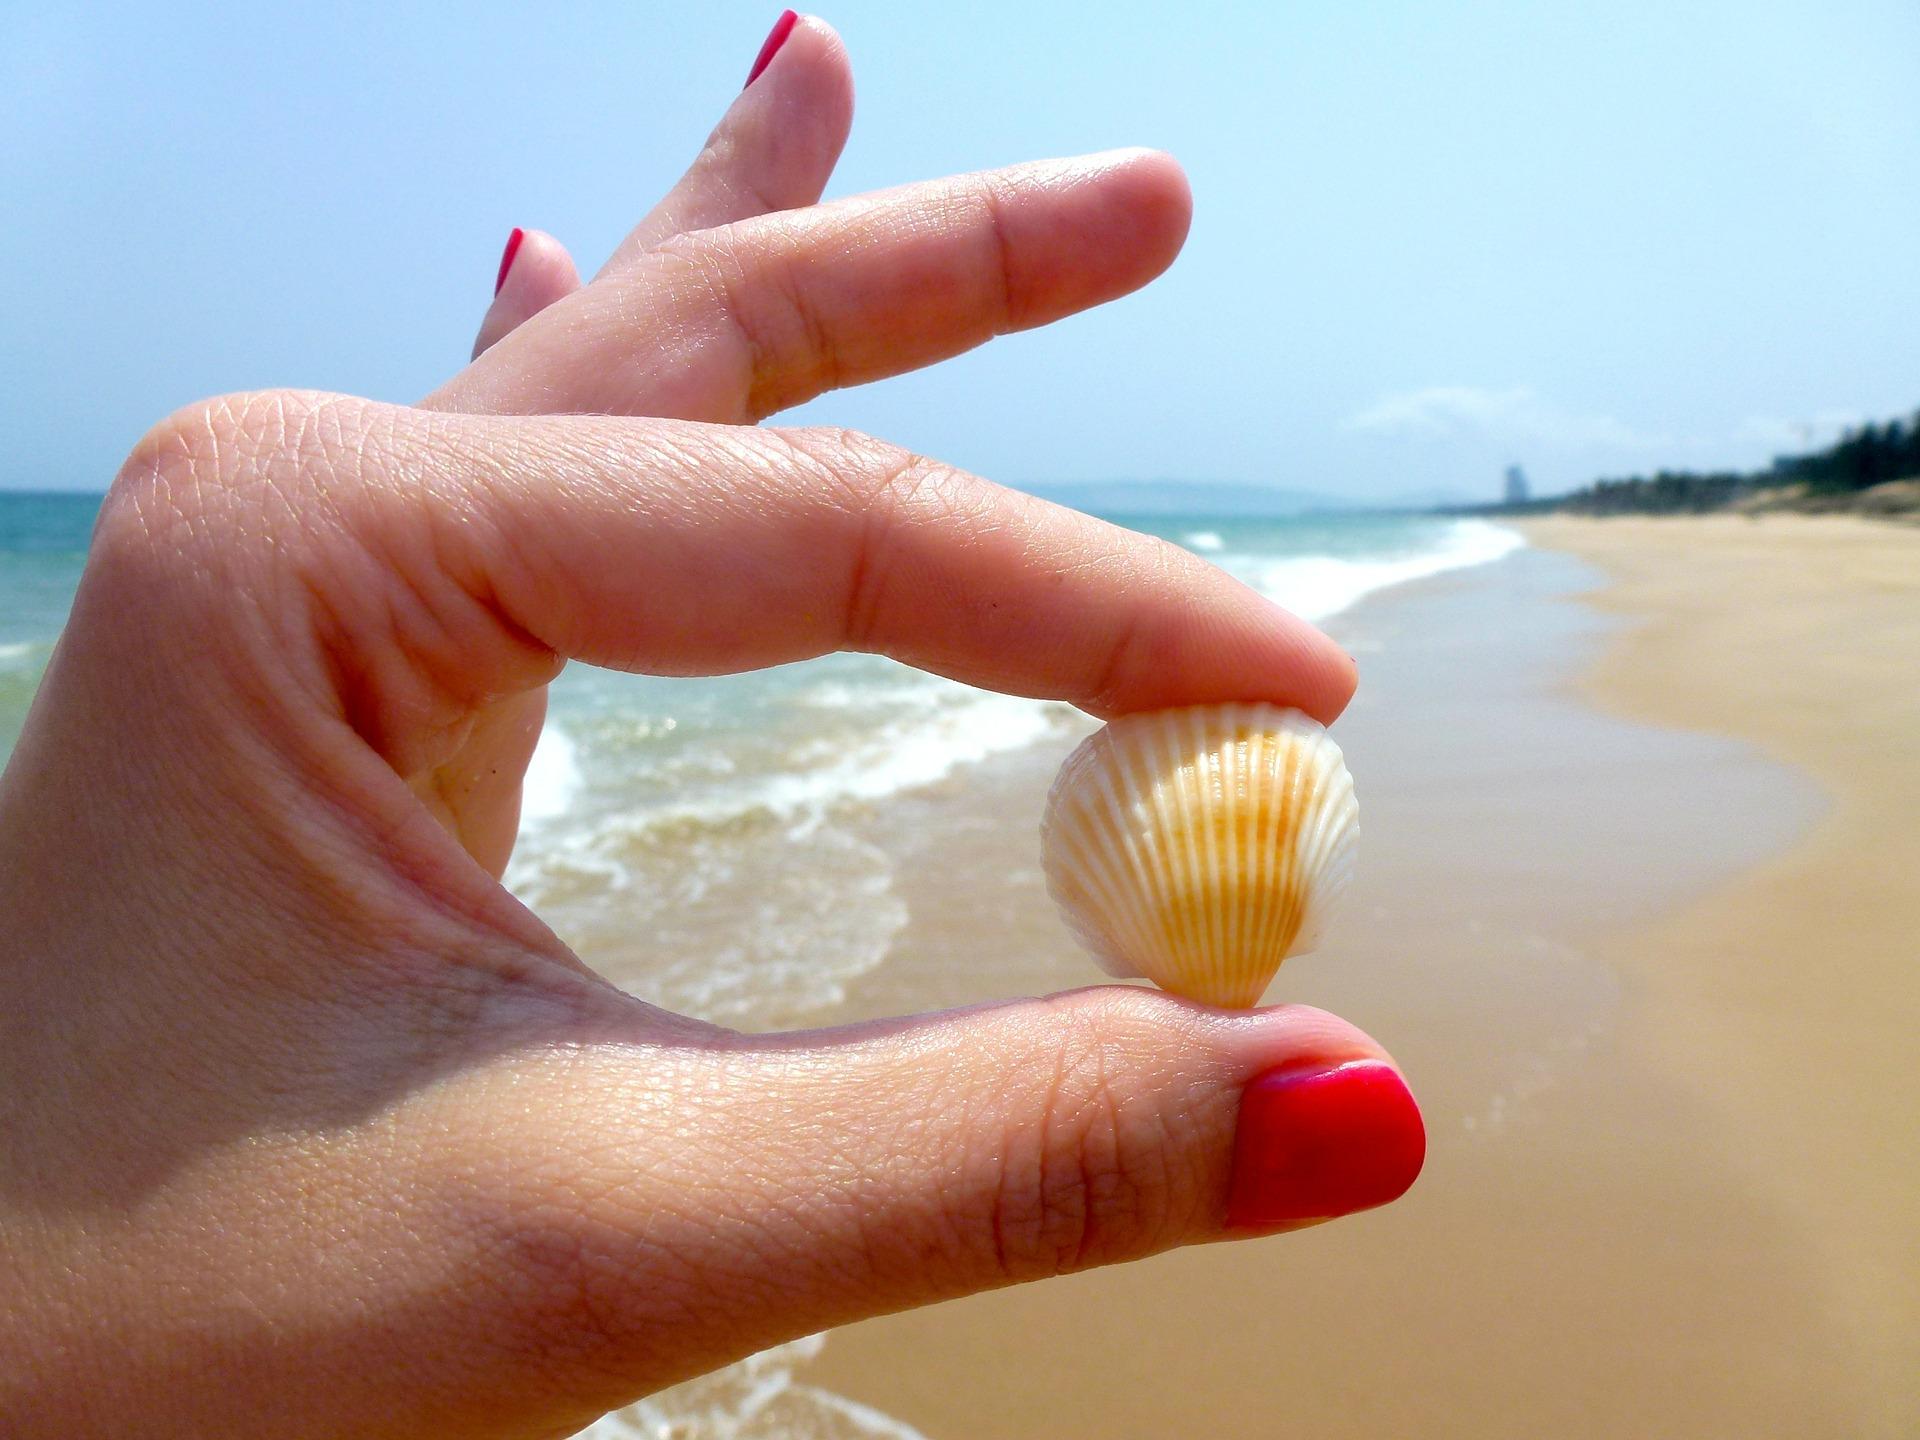 beach-544621_1920